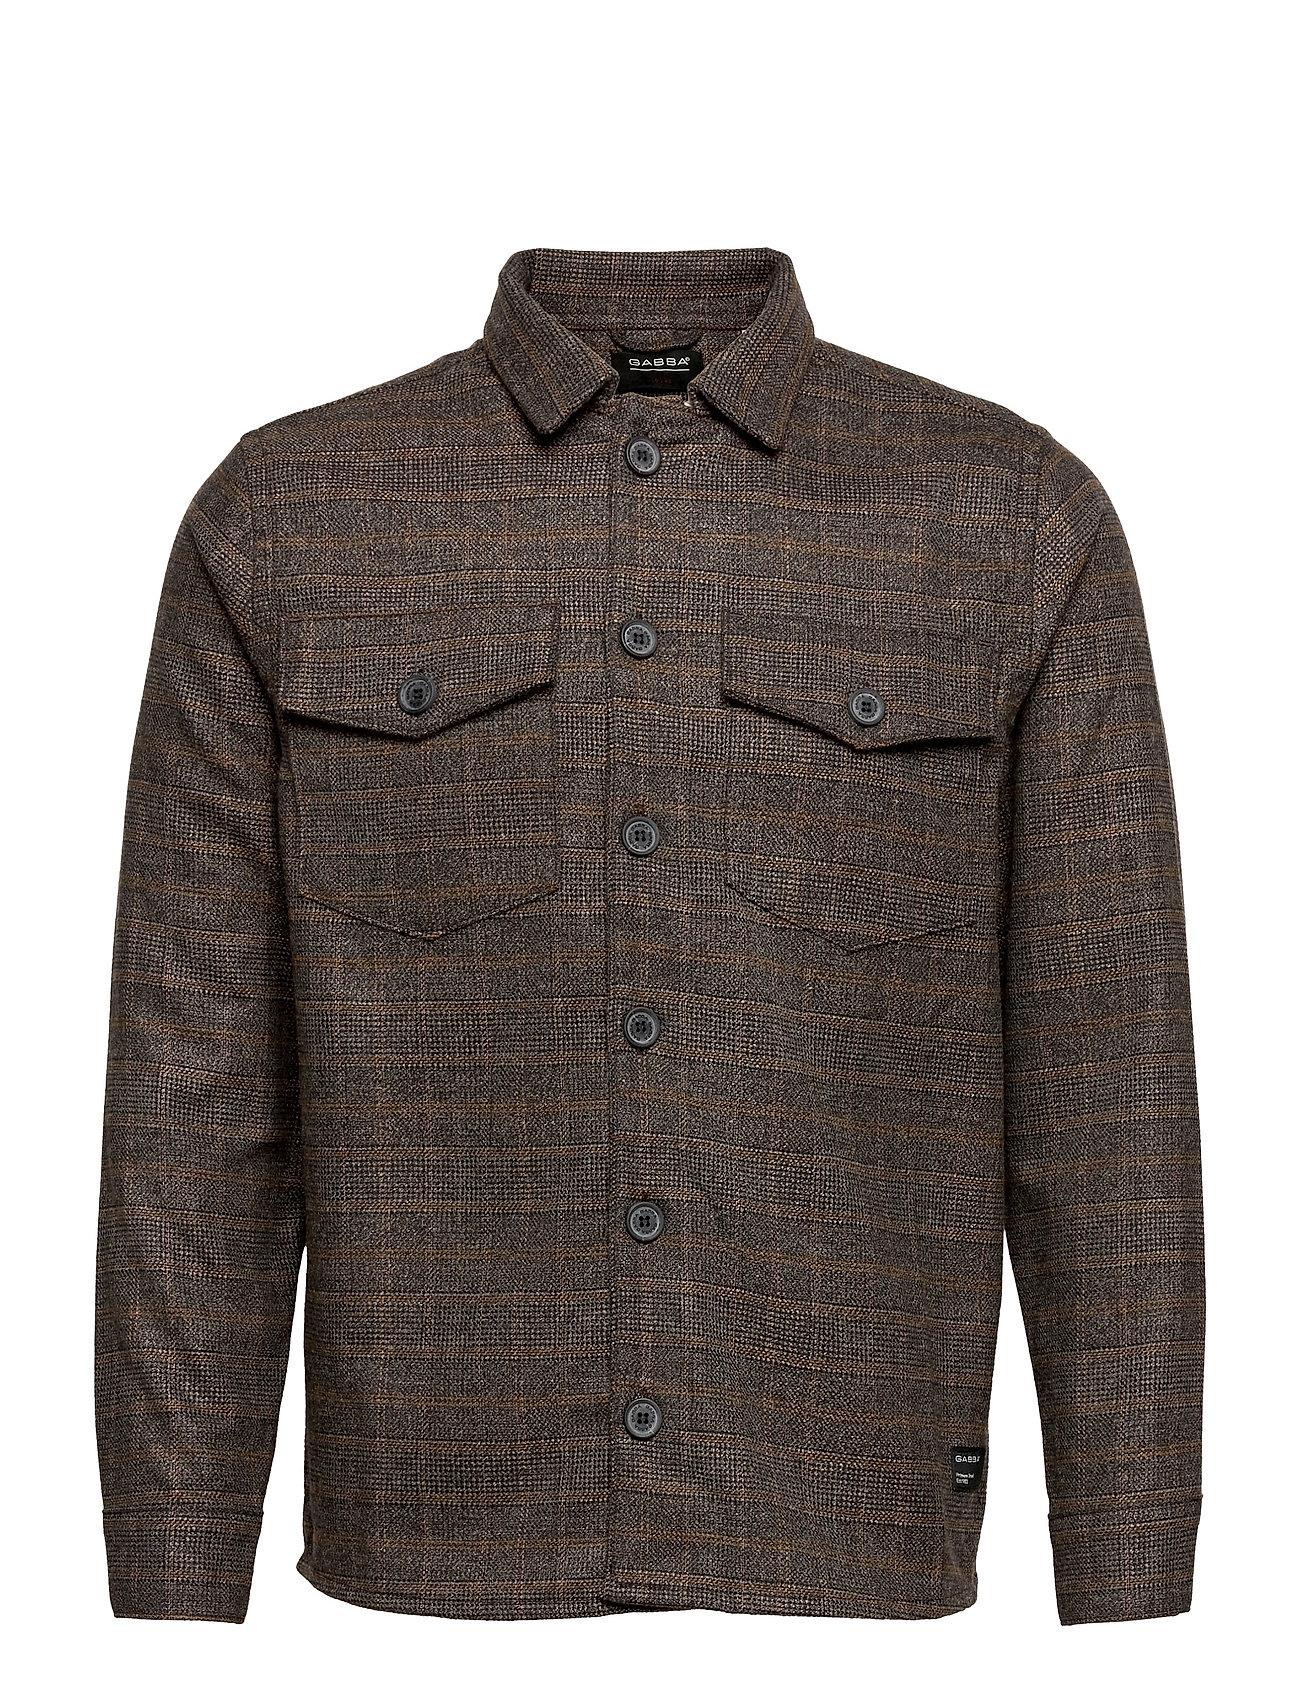 Image of Clipper Piccolo Check Shirt Skjorte Casual Brun Gabba (3552280407)